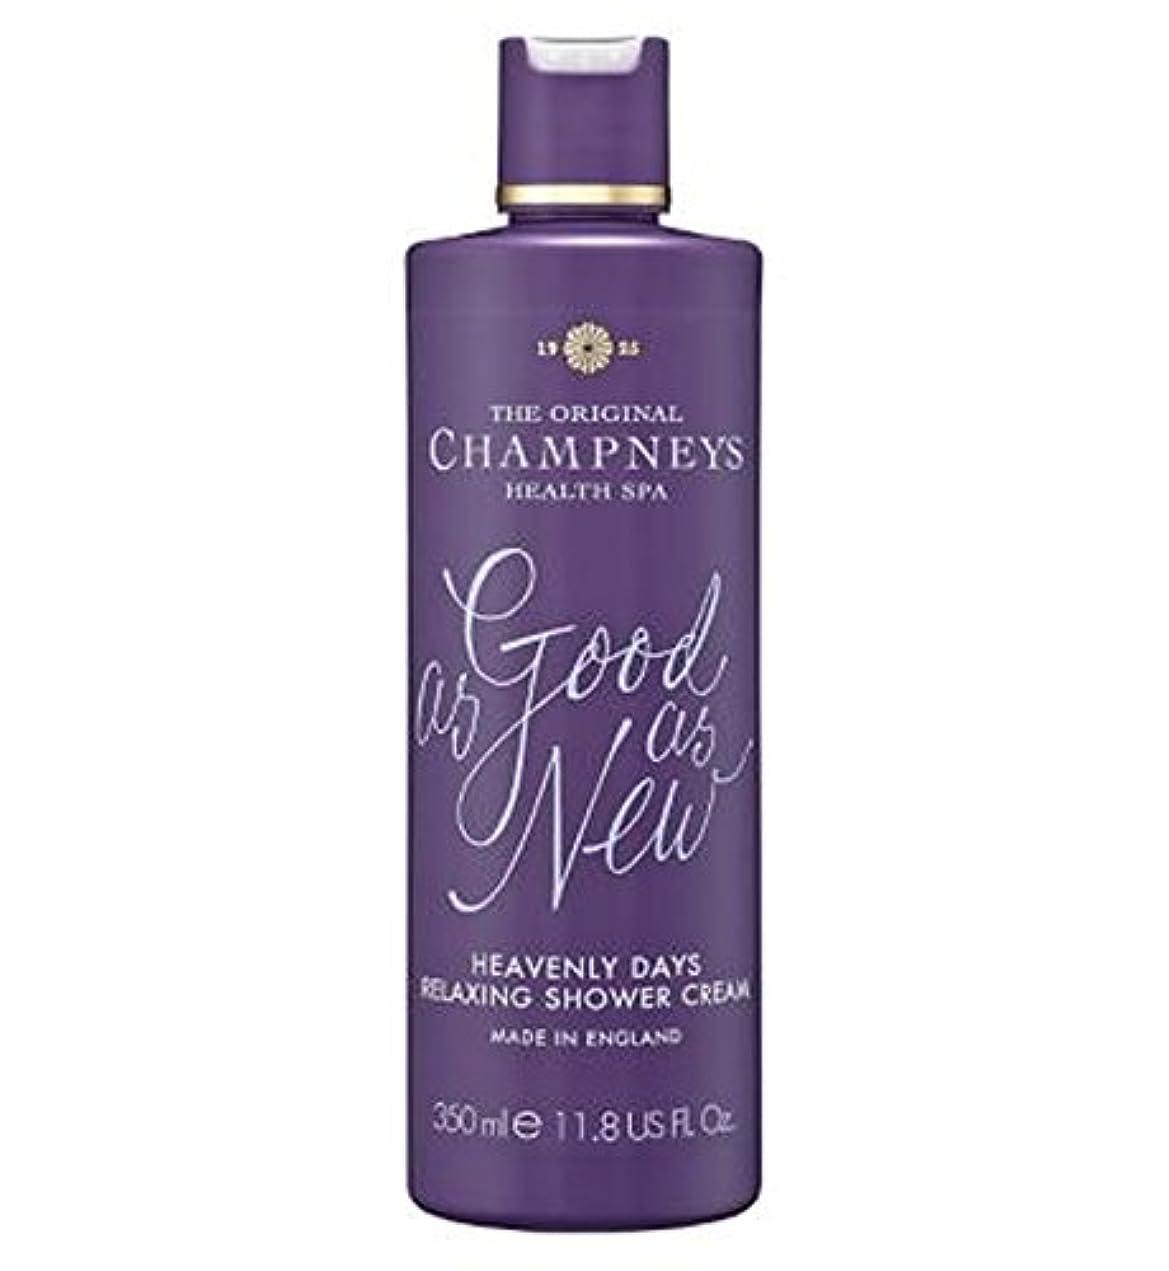 腹輸血雇用者Champneys Heavenly Days Relaxing Shower Cream 350ml - チャンプニーズ天の日のリラックスシャワークリーム350ミリリットル (Champneys) [並行輸入品]